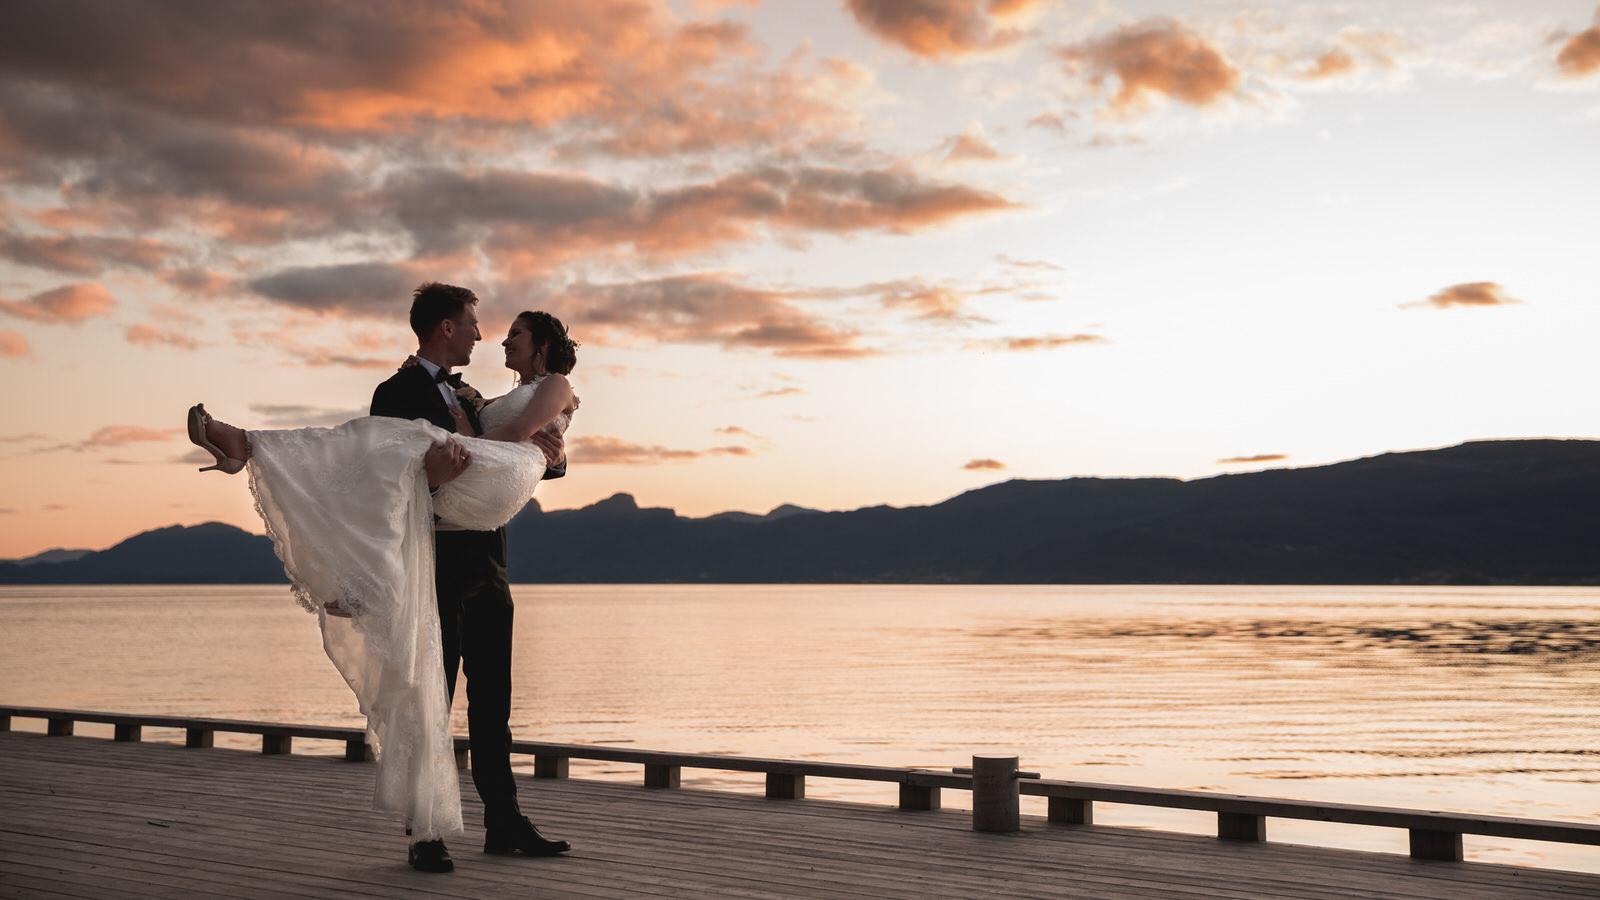 Hardangerbryllup fra morgen til kveld der vi følger brudeparet gjennom dagen. Solveig & Alexander giftet seg i idylliske Hardanger den 07.09.2019.